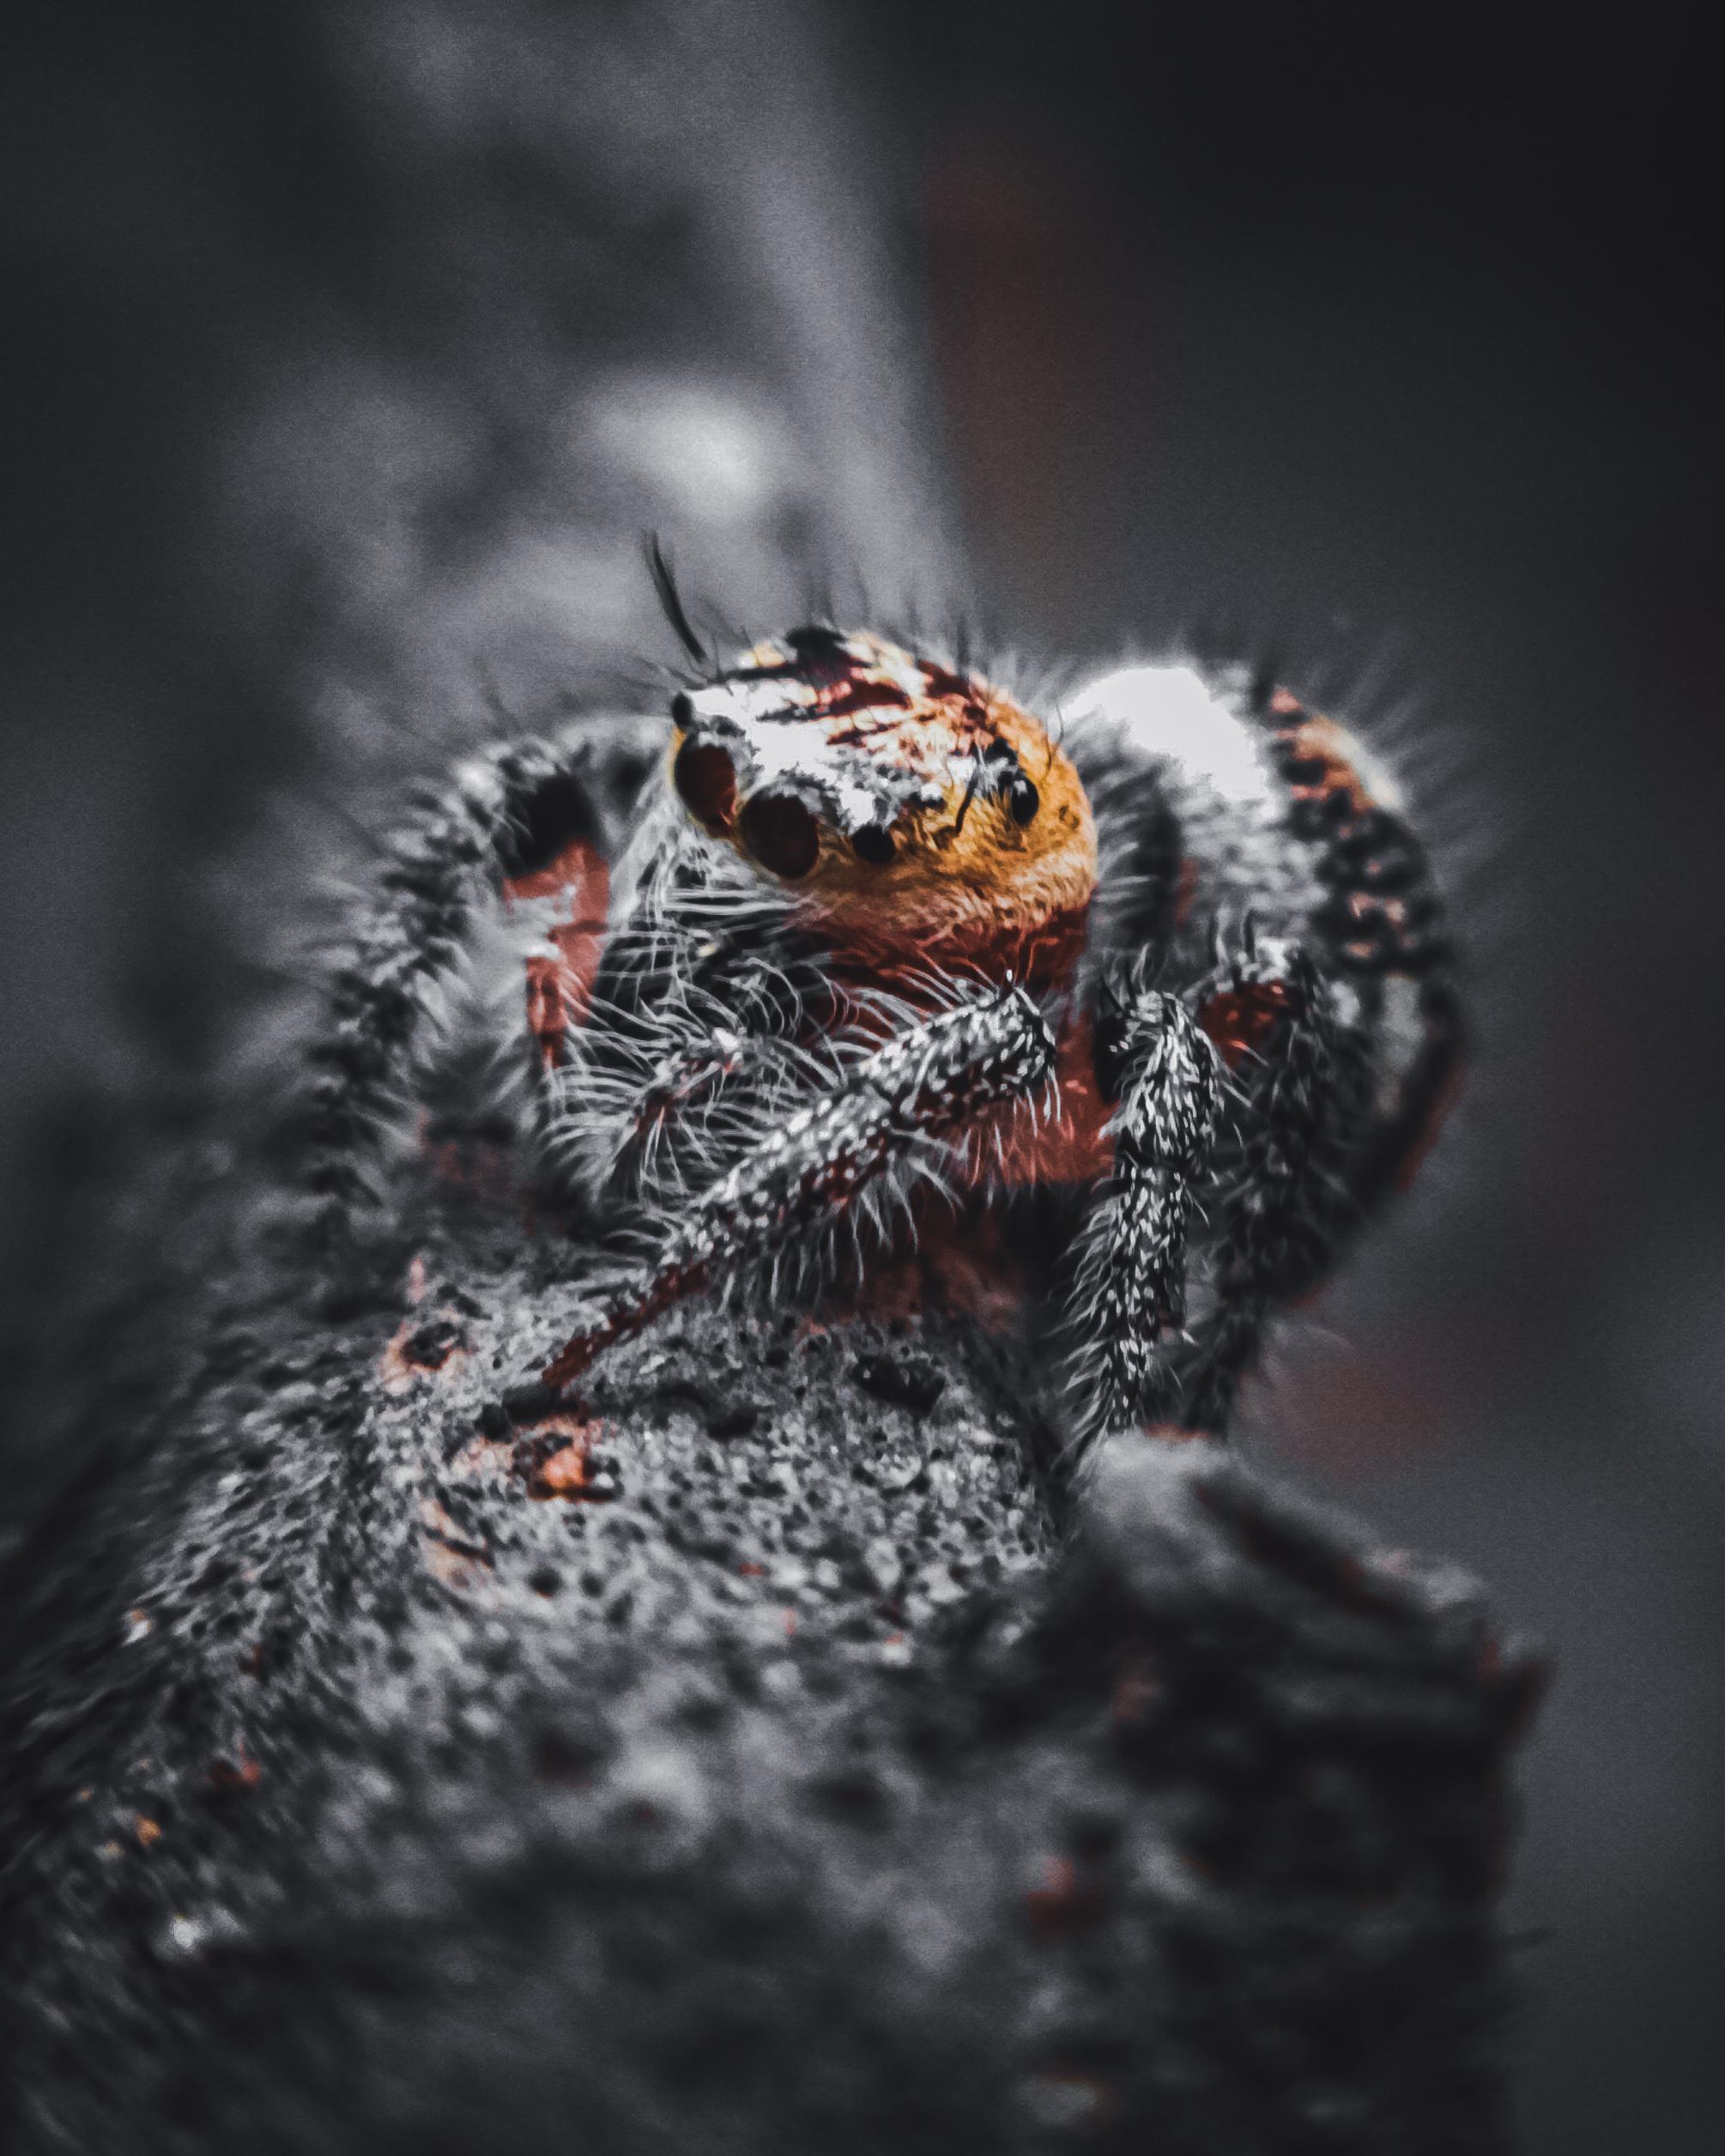 Tarantula Close-up